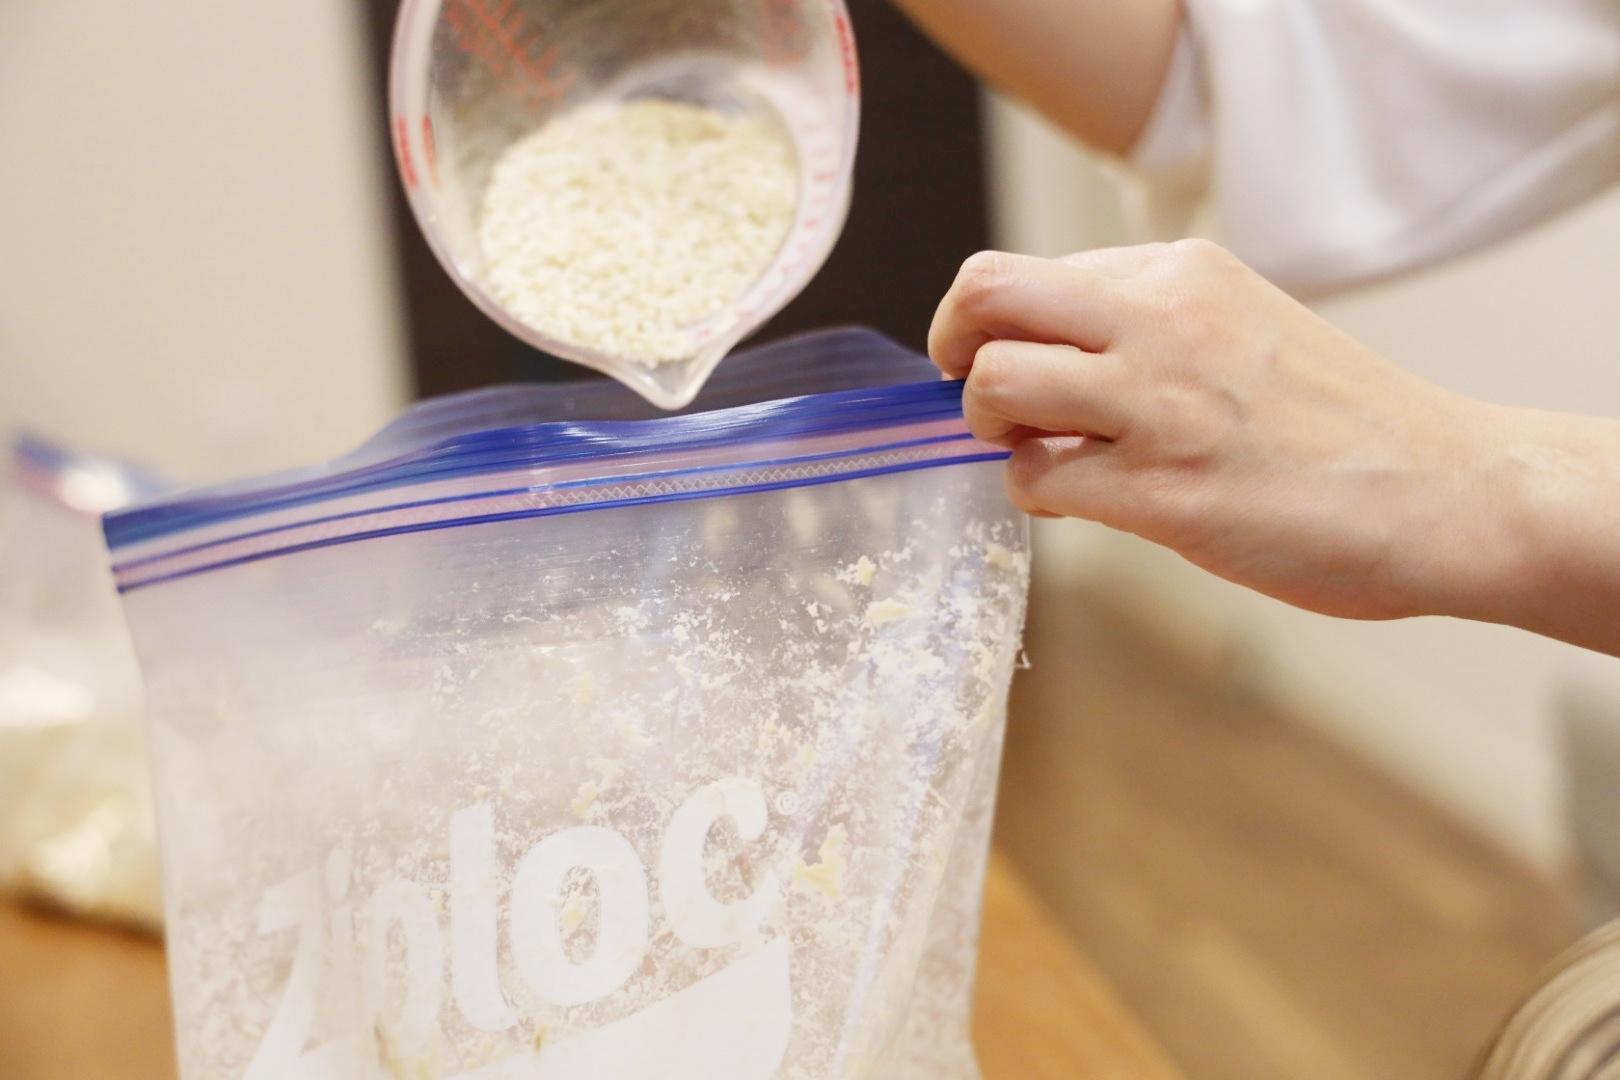 備蓄や保存に最適!免疫力を高める最強の発酵食品「味噌」を、ジップロックで手軽に作っちゃおう♪_1_6-1